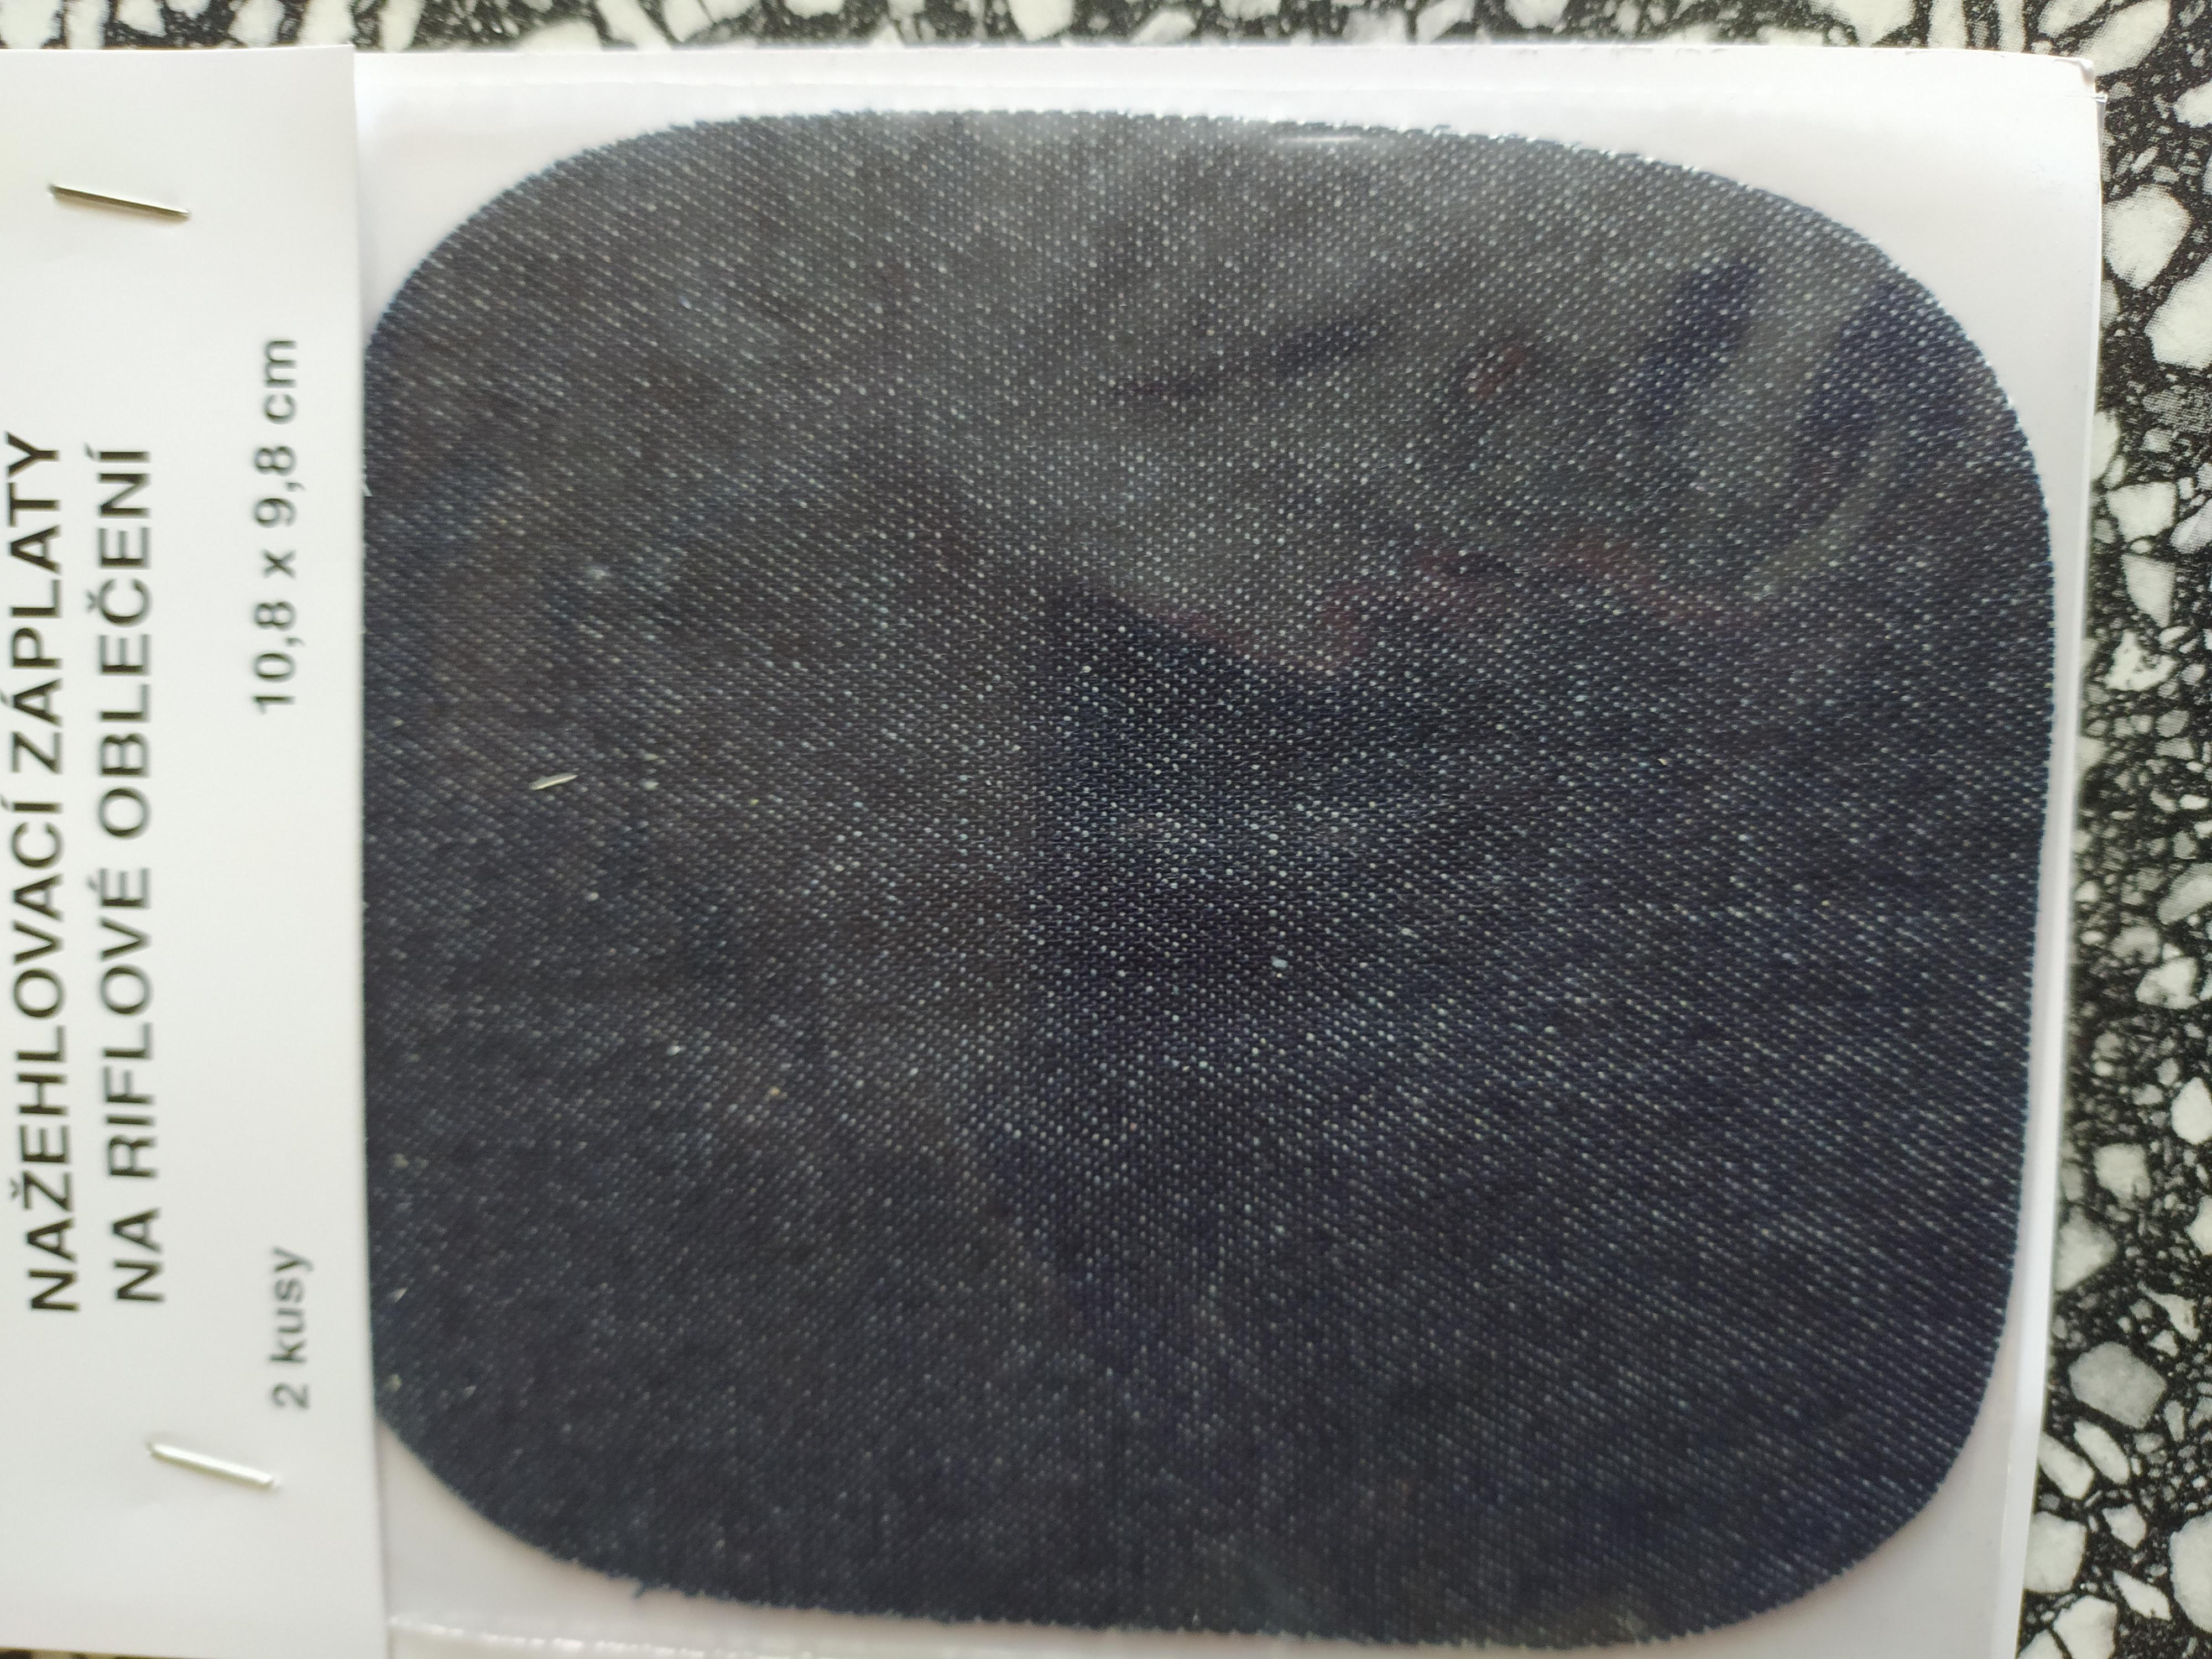 Záplaty zažehlovací Jeans tmavě modré